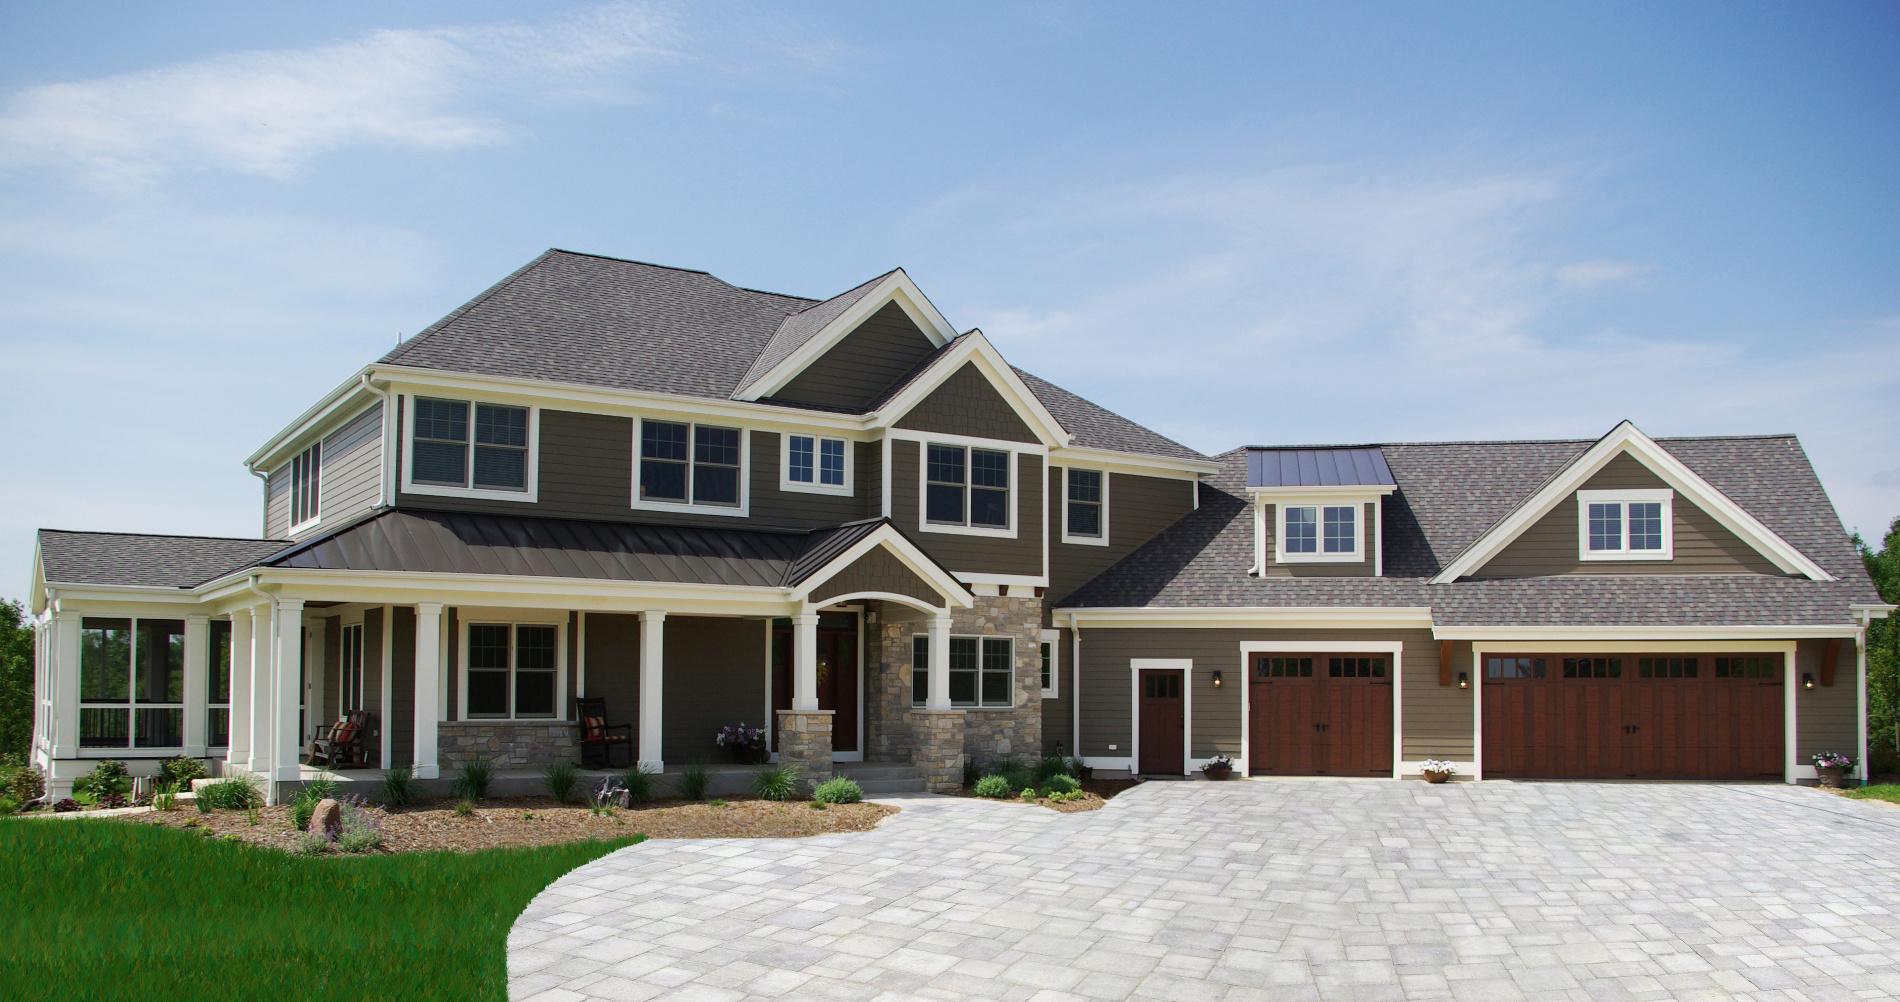 Lake Shore Residence - Highland Builders